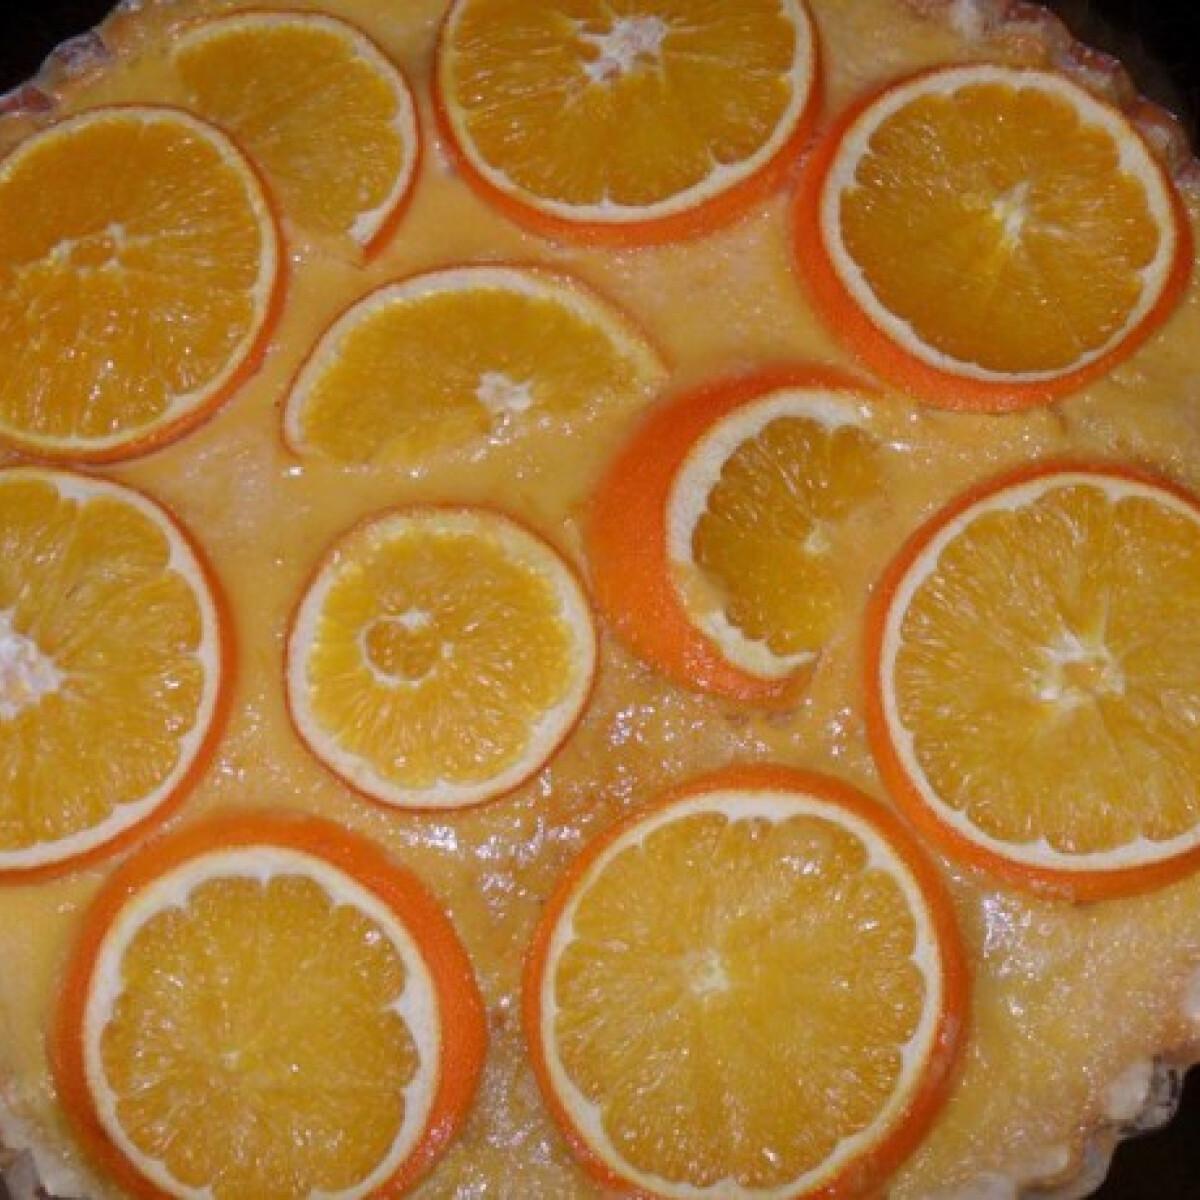 Ezen a képen: Francia narancstorta